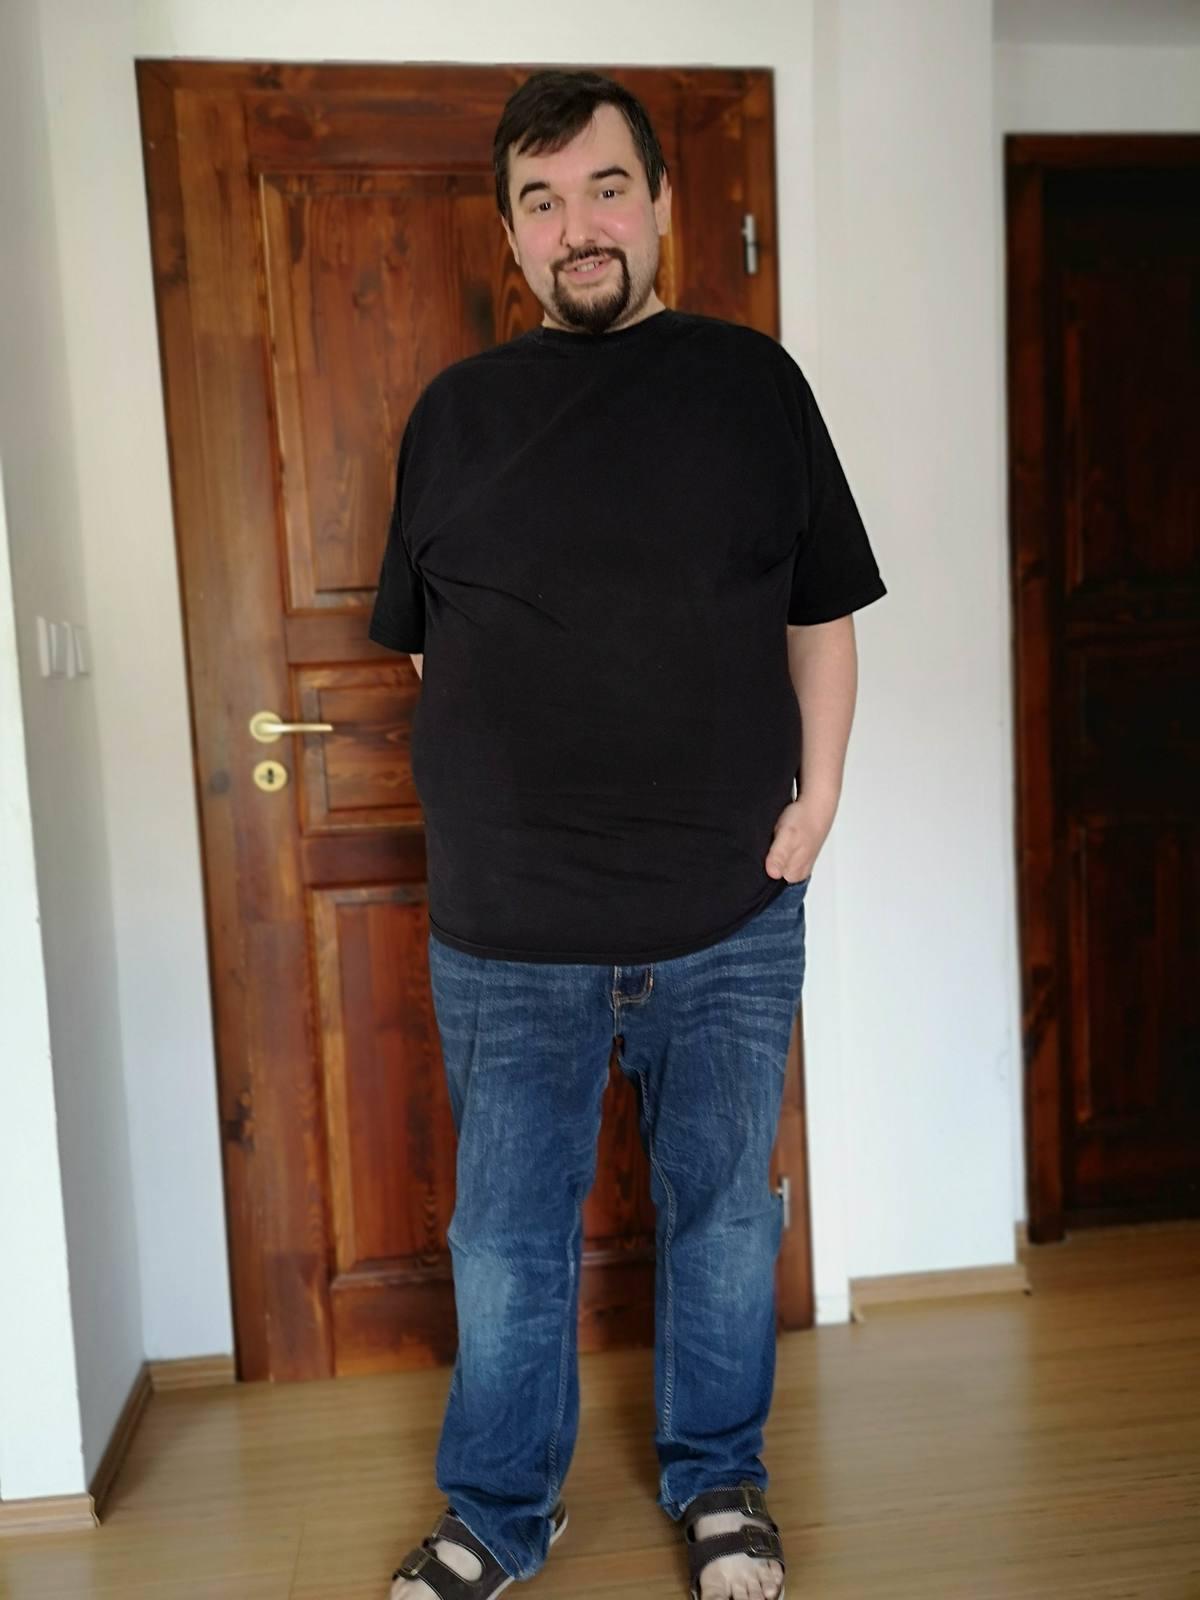 Režisér Tomáš Magnusek shodil 50 kilo! Chybí mu ještě 20 do vysněné stovky.